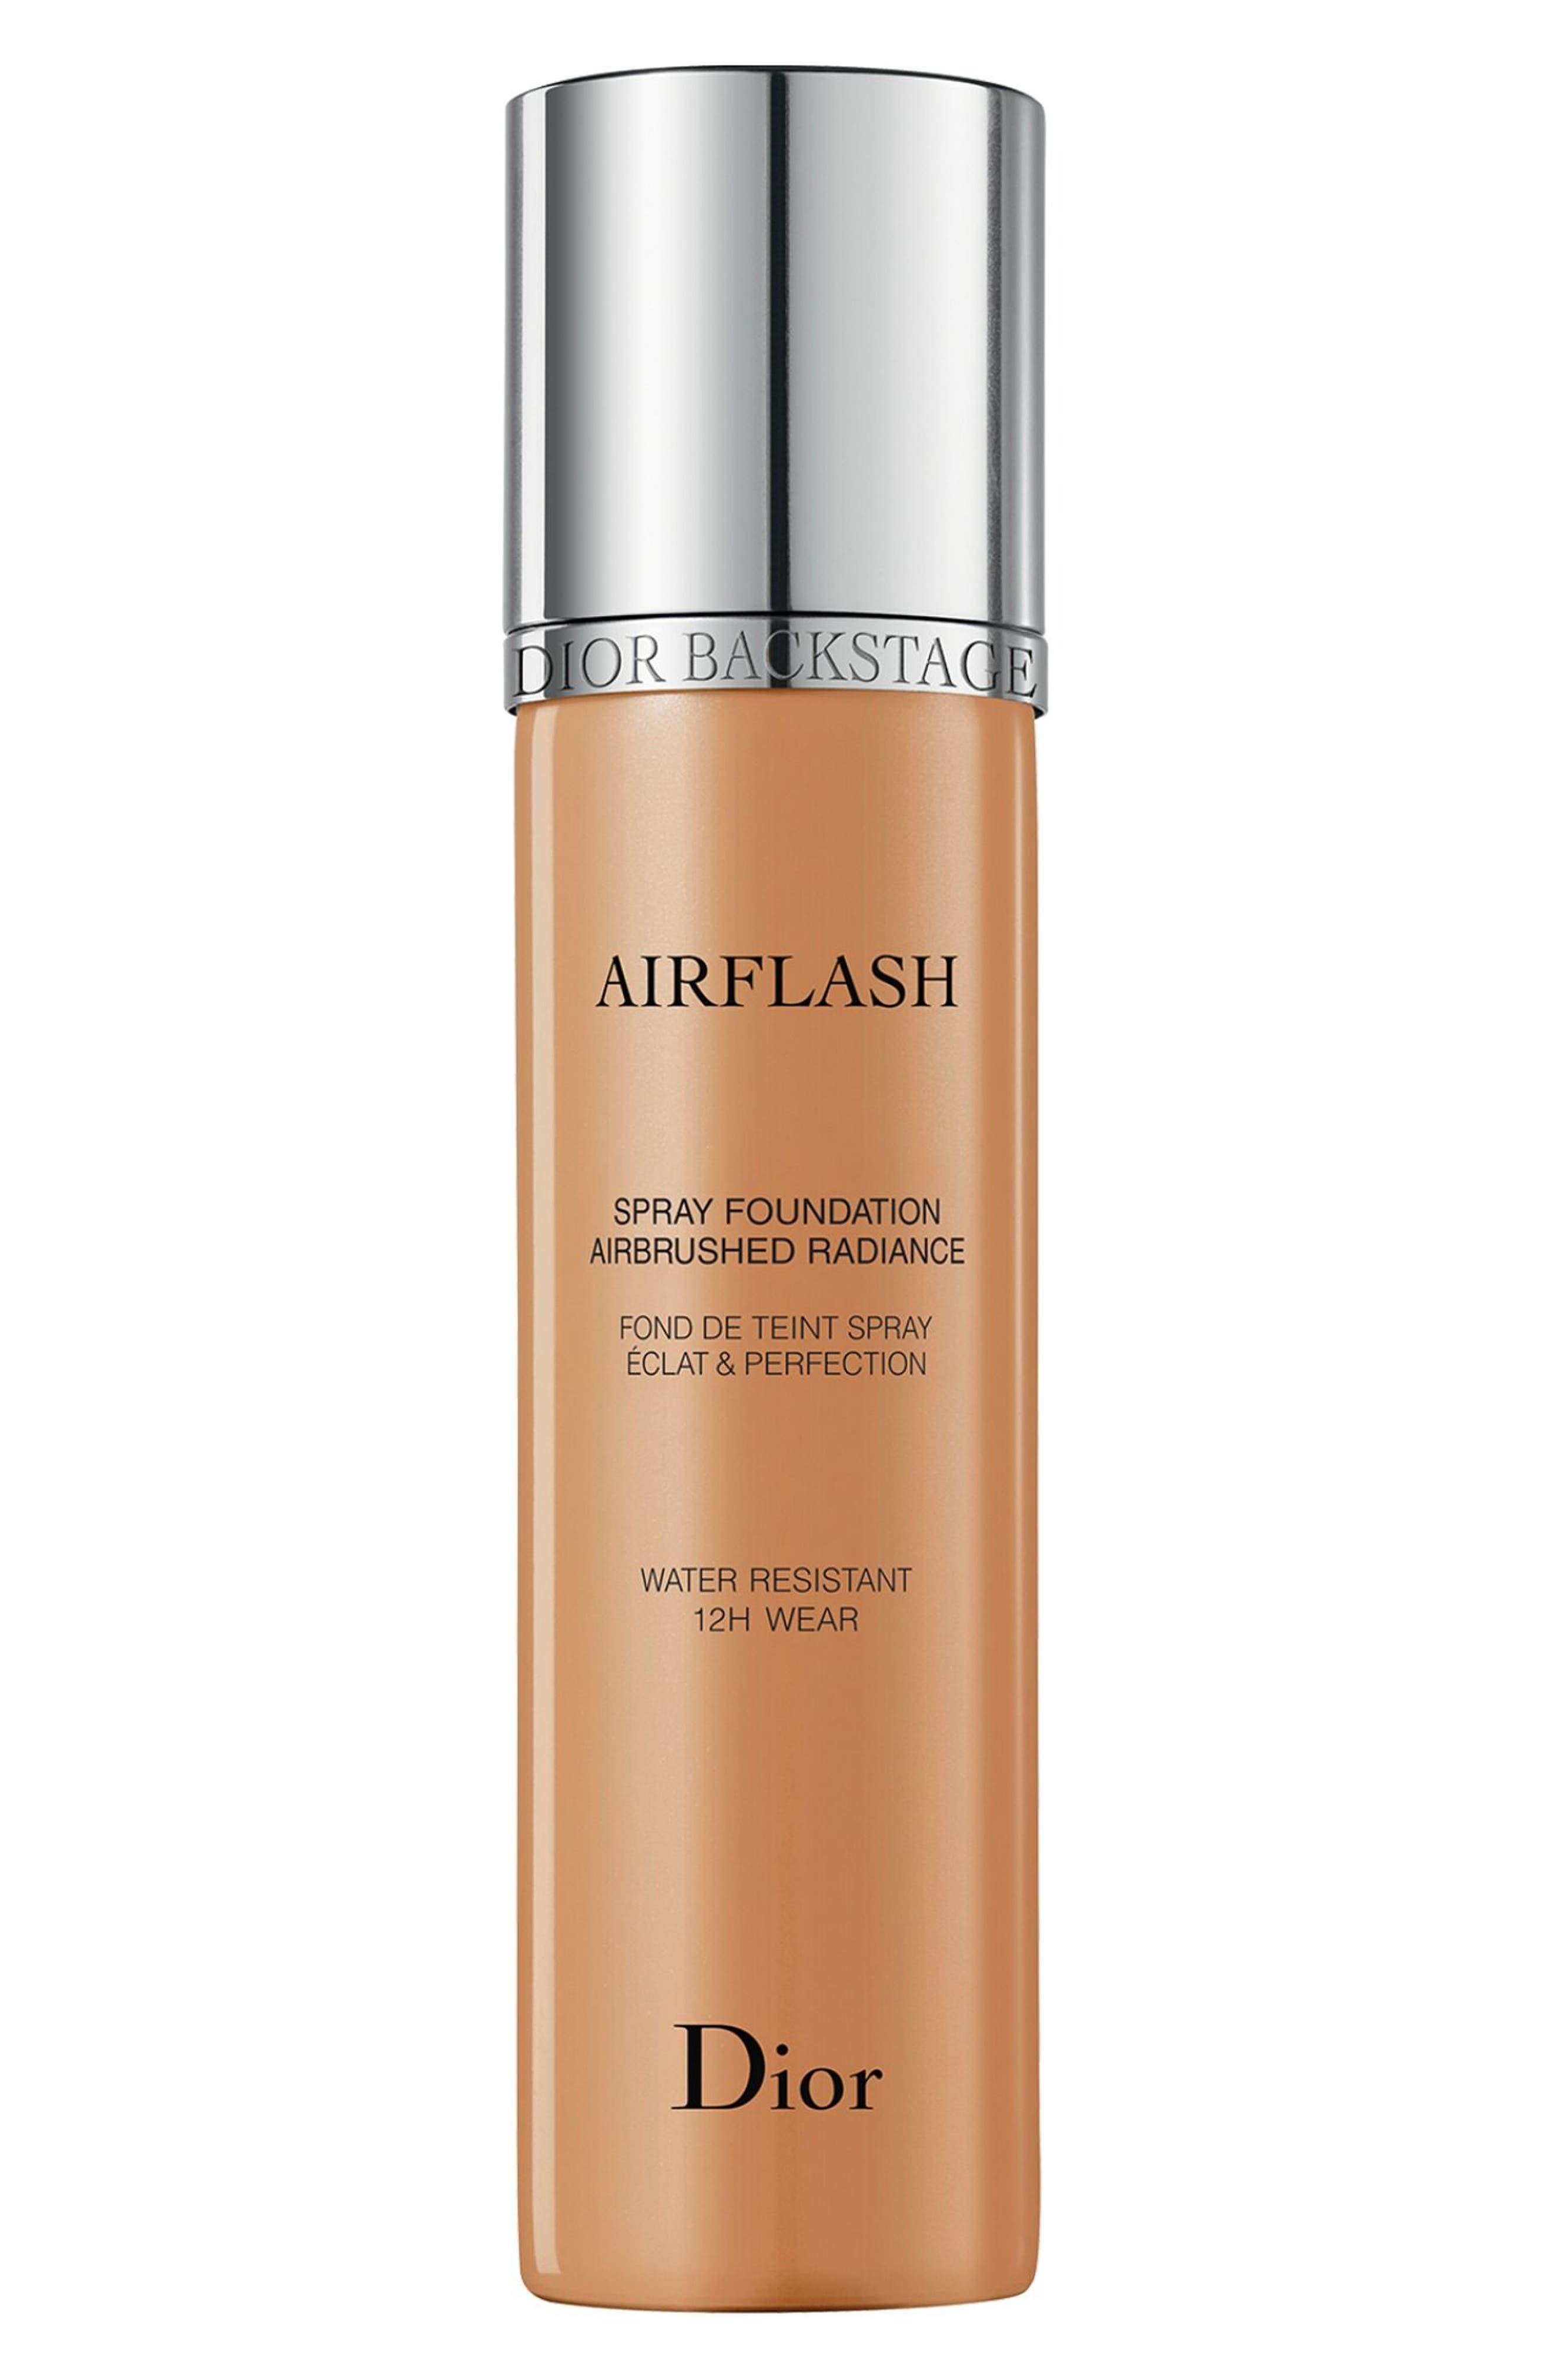 Dior Diorskin Airflash Spray Foundation - 400 Honey Beige